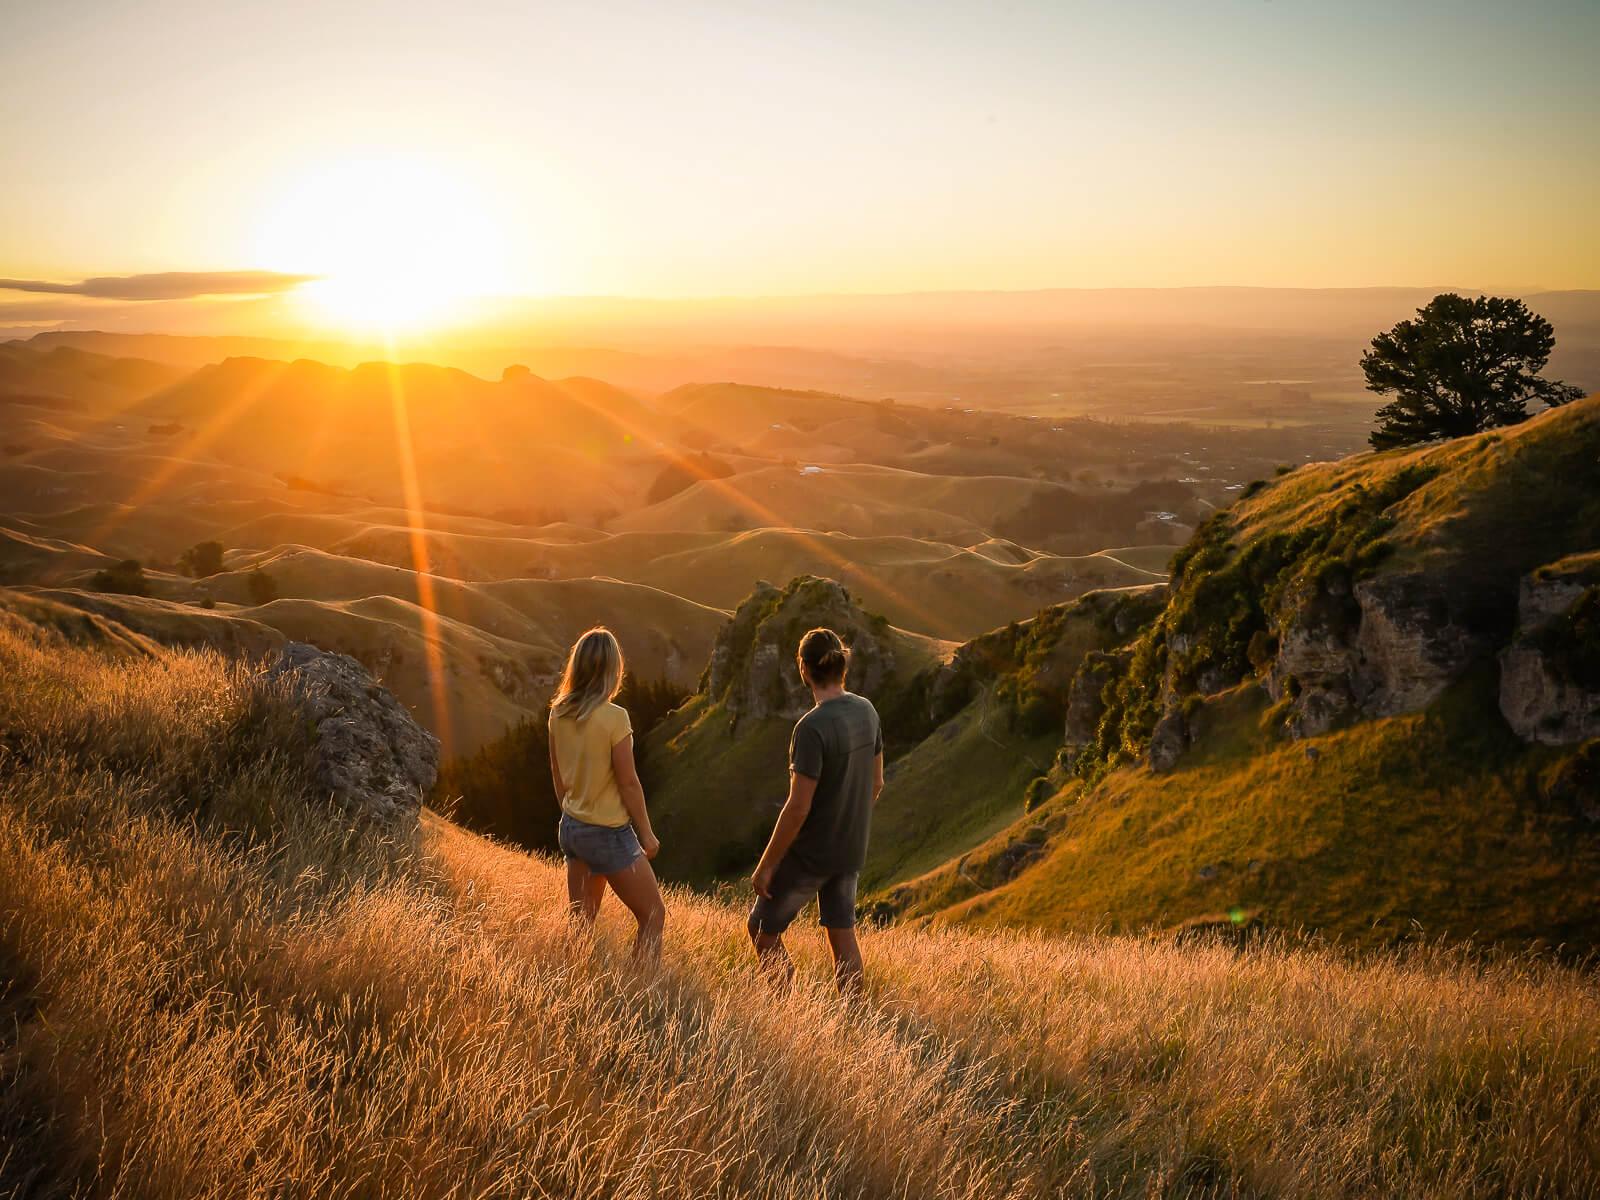 Te Mata Peak - Bezienswaardigheden Noordereiland Nieuw-Zeeland